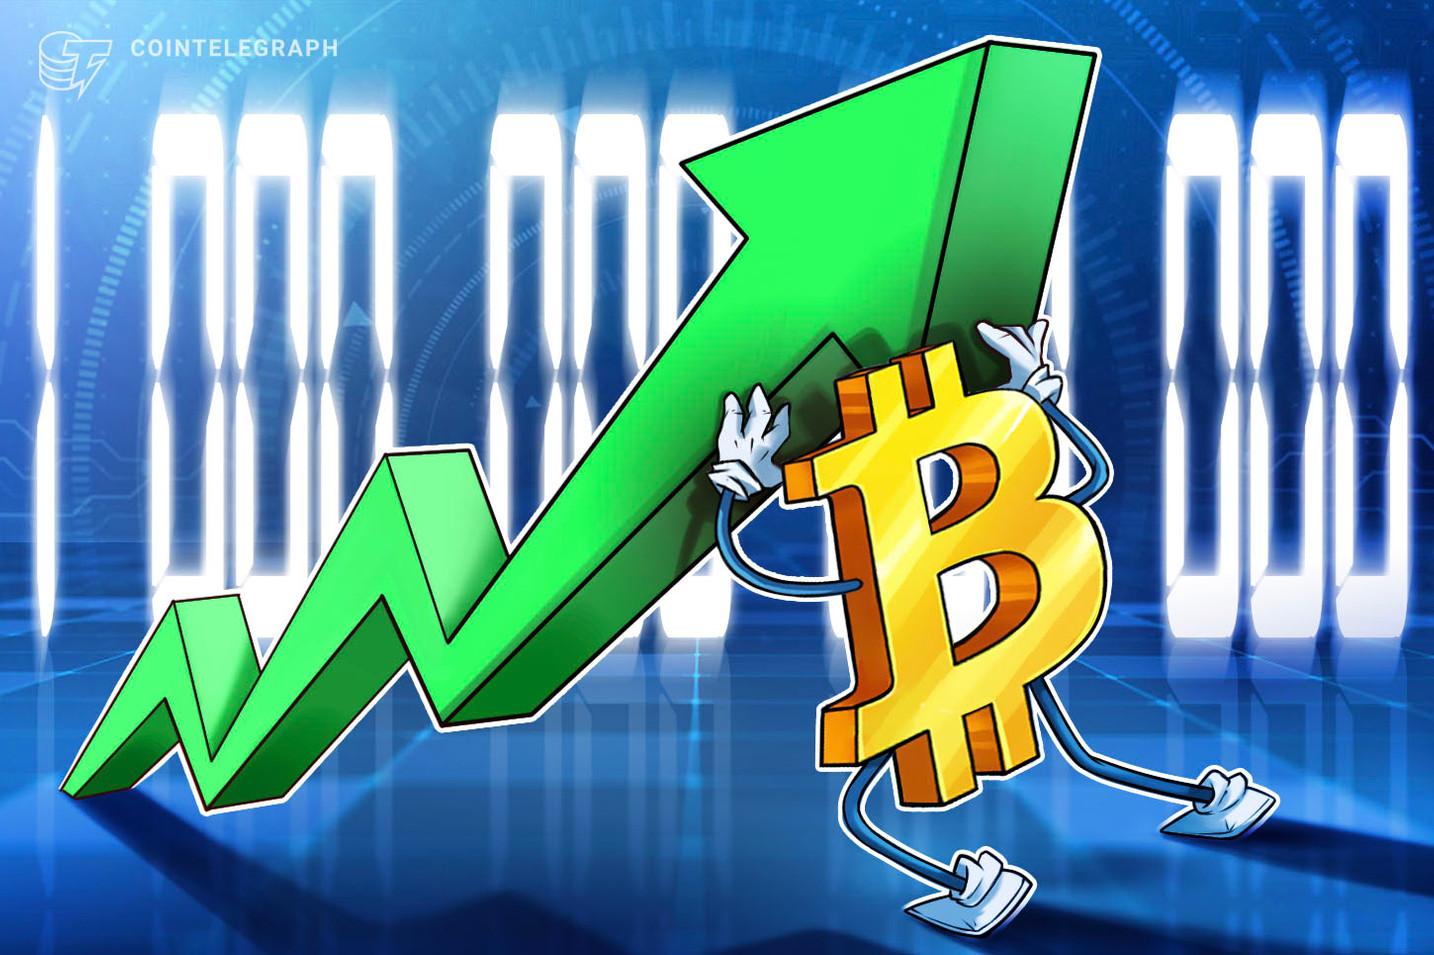 La capitalización de mercado de 1 billón de dólares de Bitcoin se ha mantenido durante 10 días seguidos